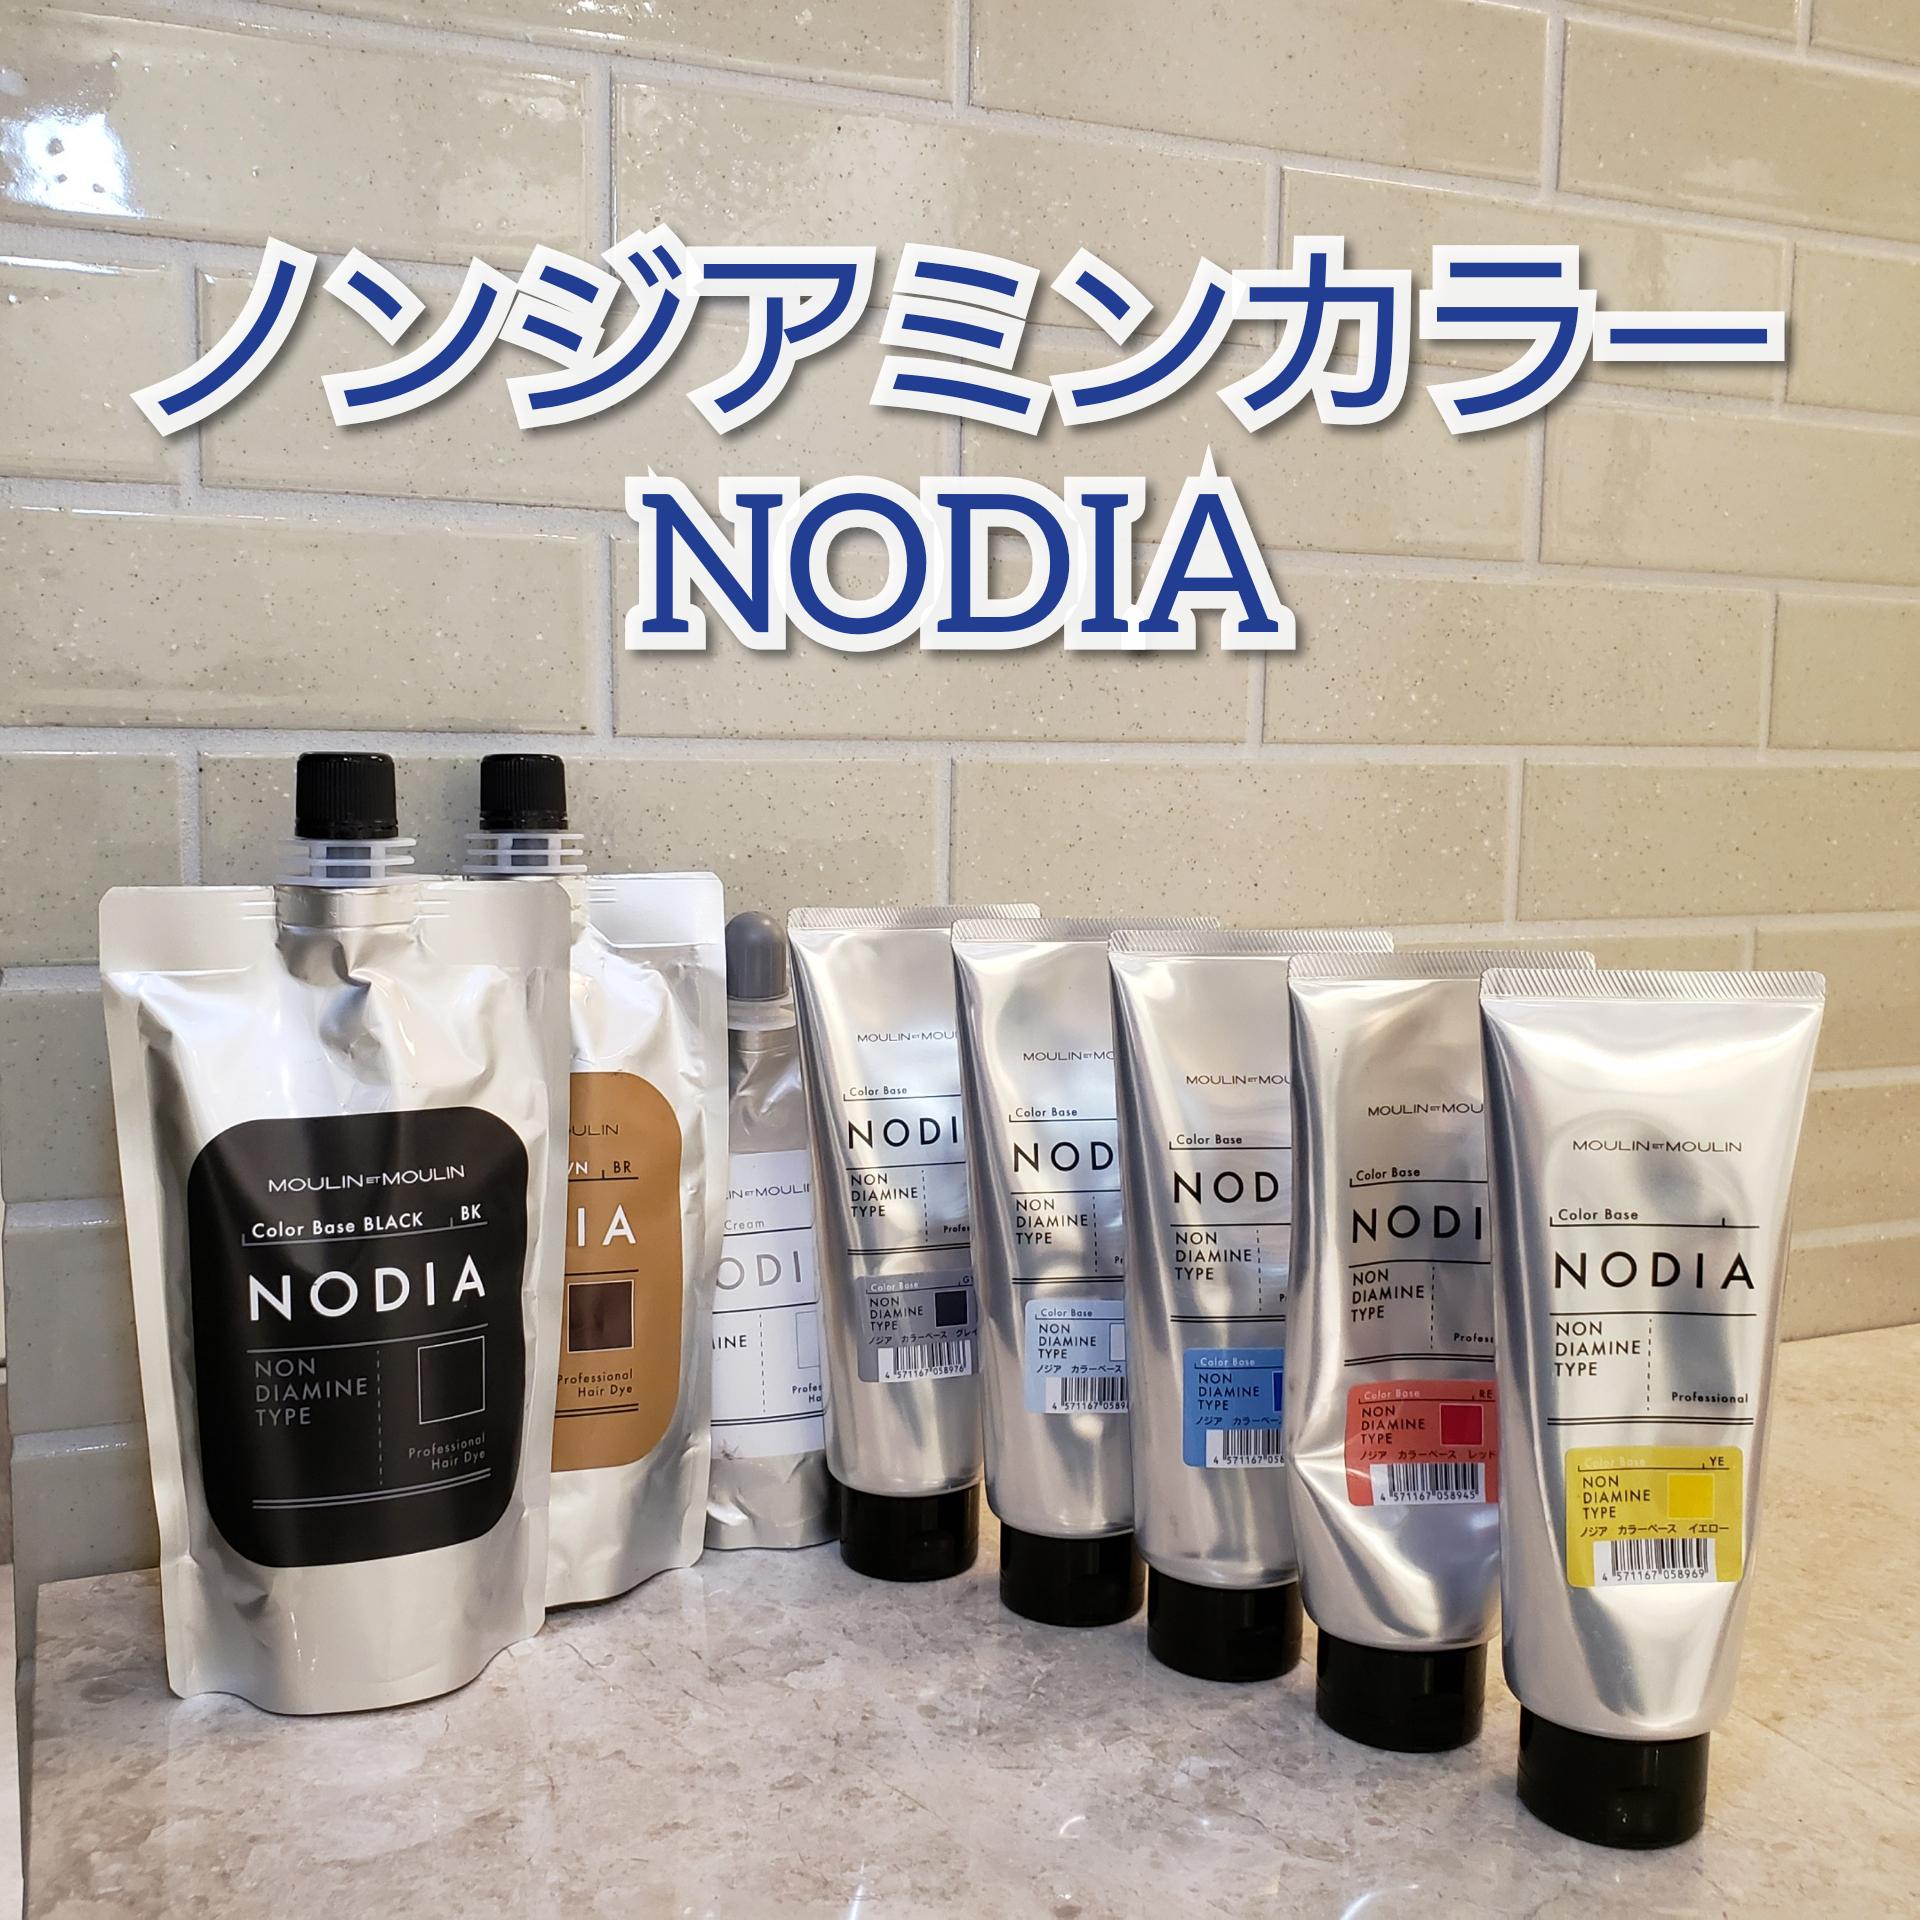 ジアミンアレルギーや頭皮の刺激が心配な方でも染めれれる安心なヘアカラーNODIA(ノジア)とは?